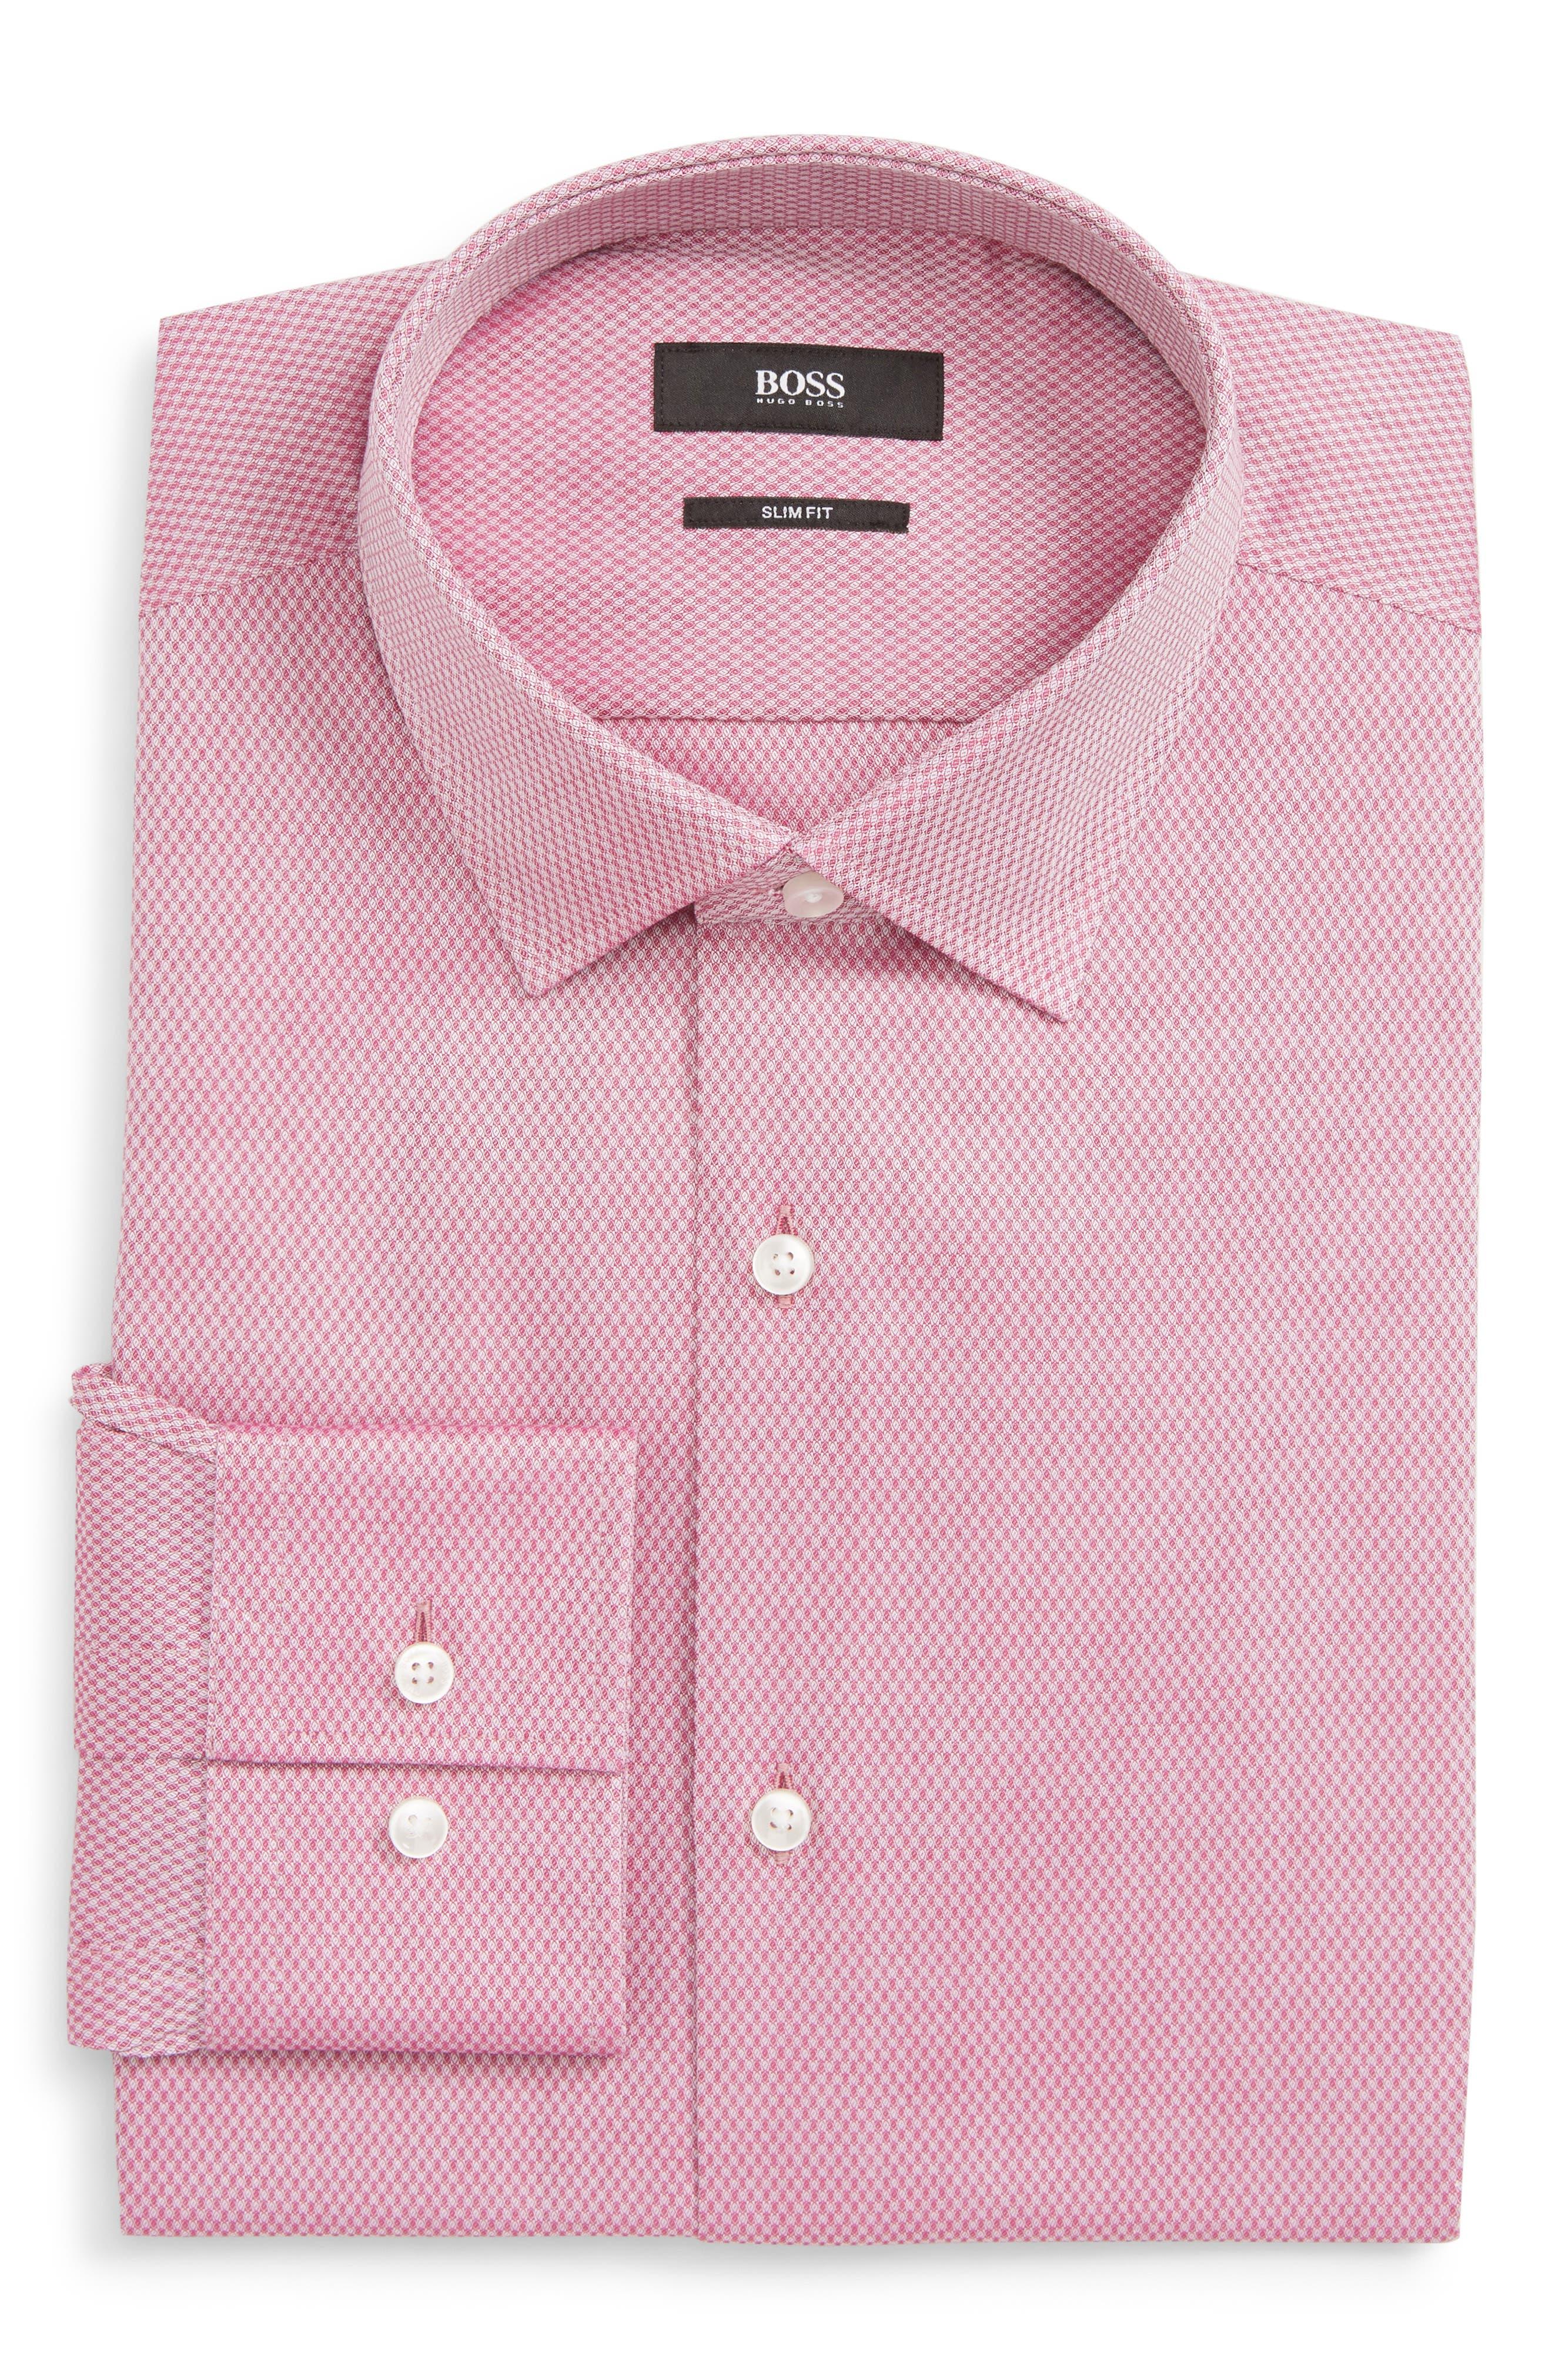 Jenno Slim Fit Solid Dress Shirt,                             Main thumbnail 1, color,                             PINK